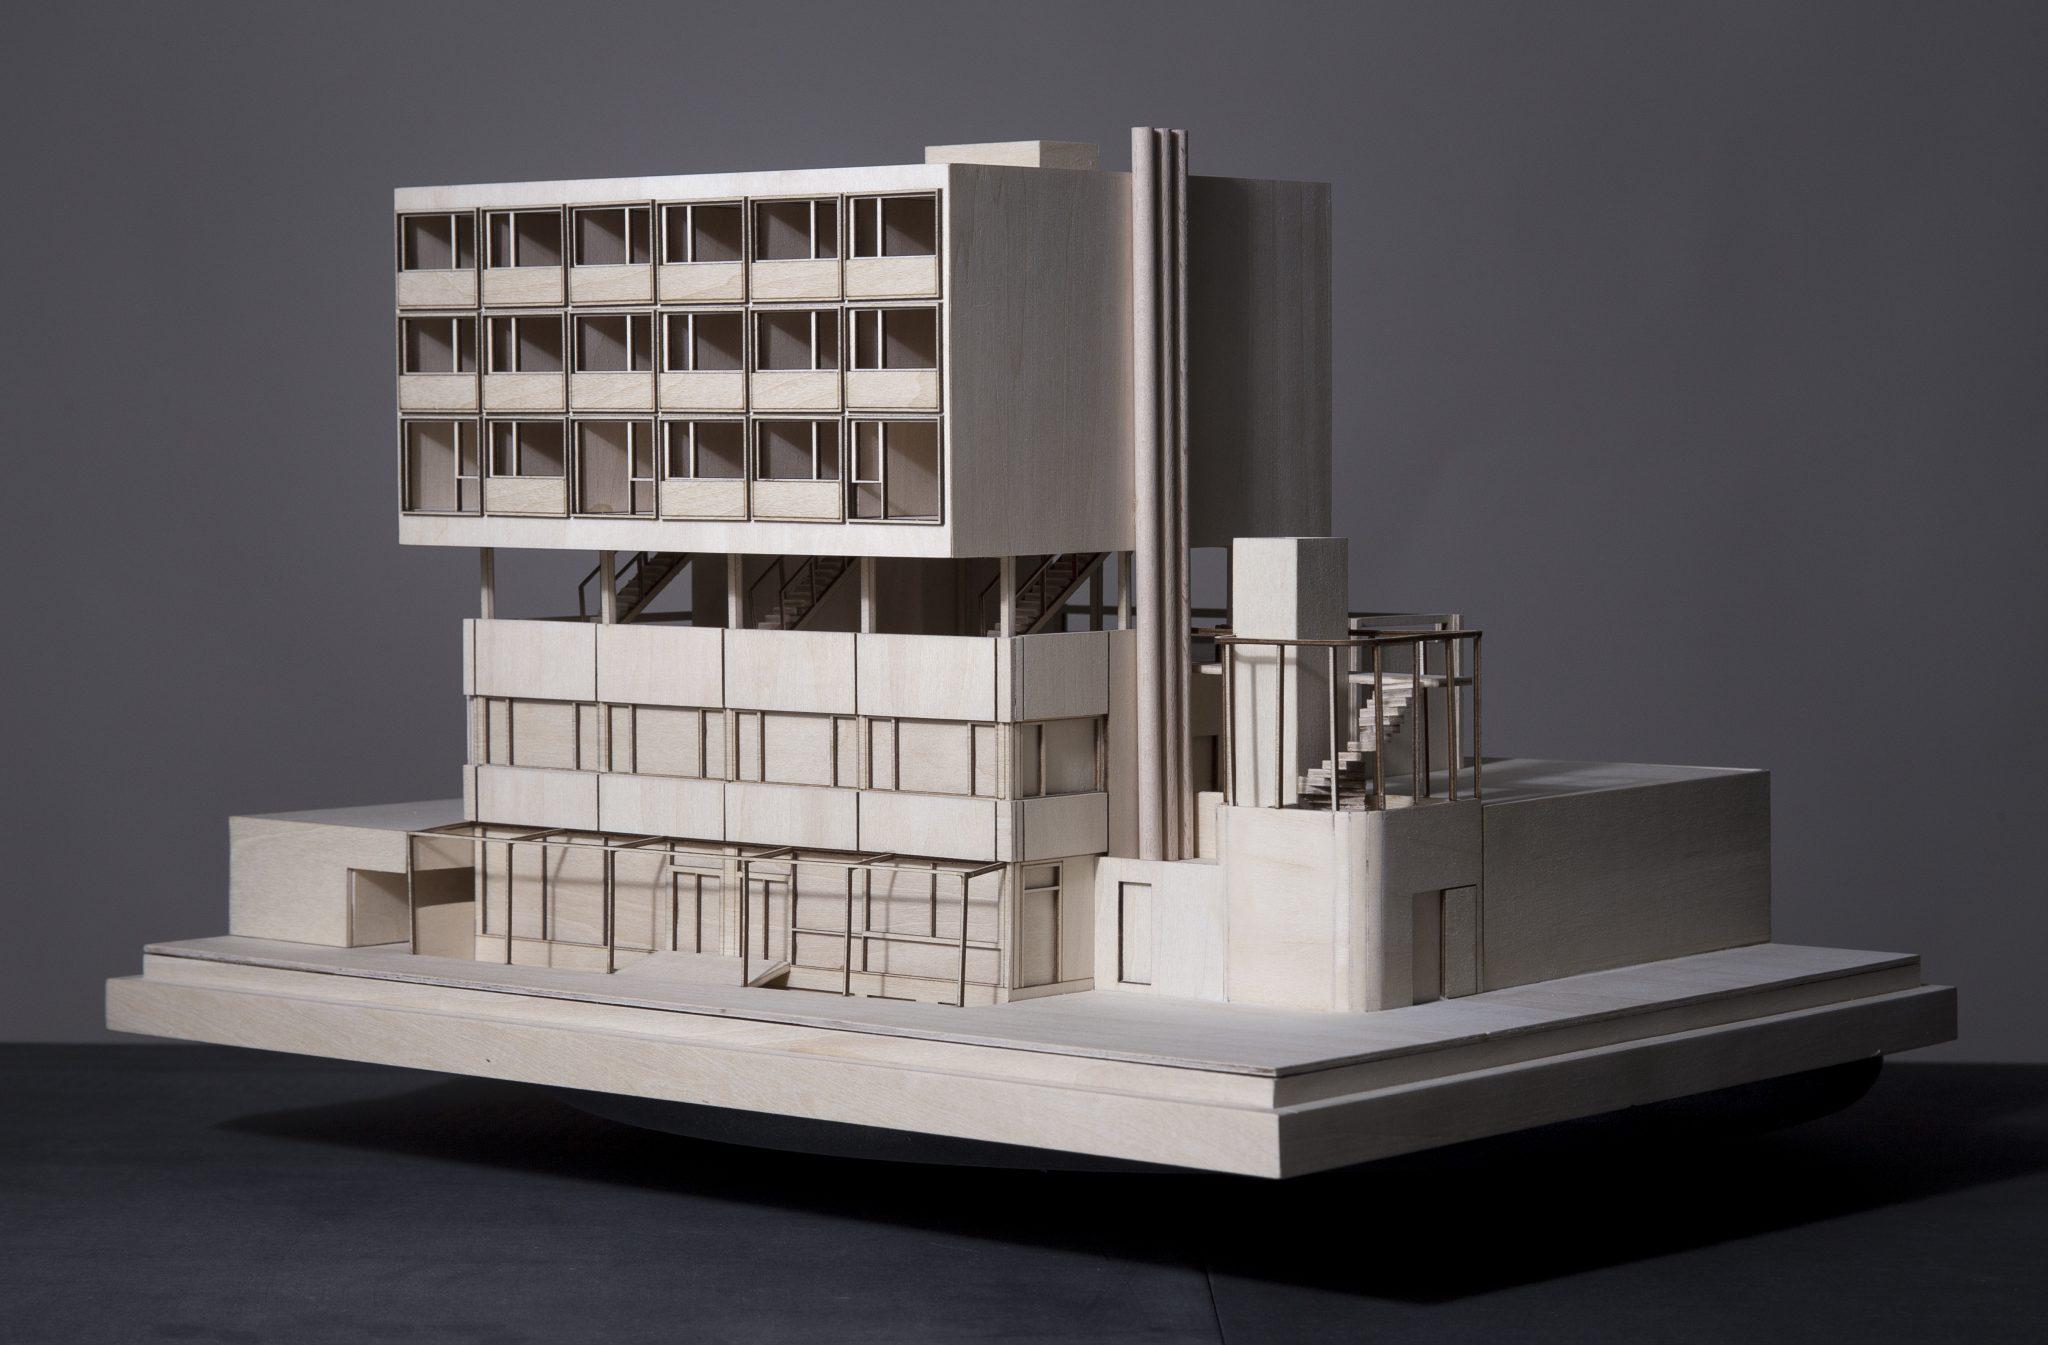 conceptual model architecture maqueta obra publica